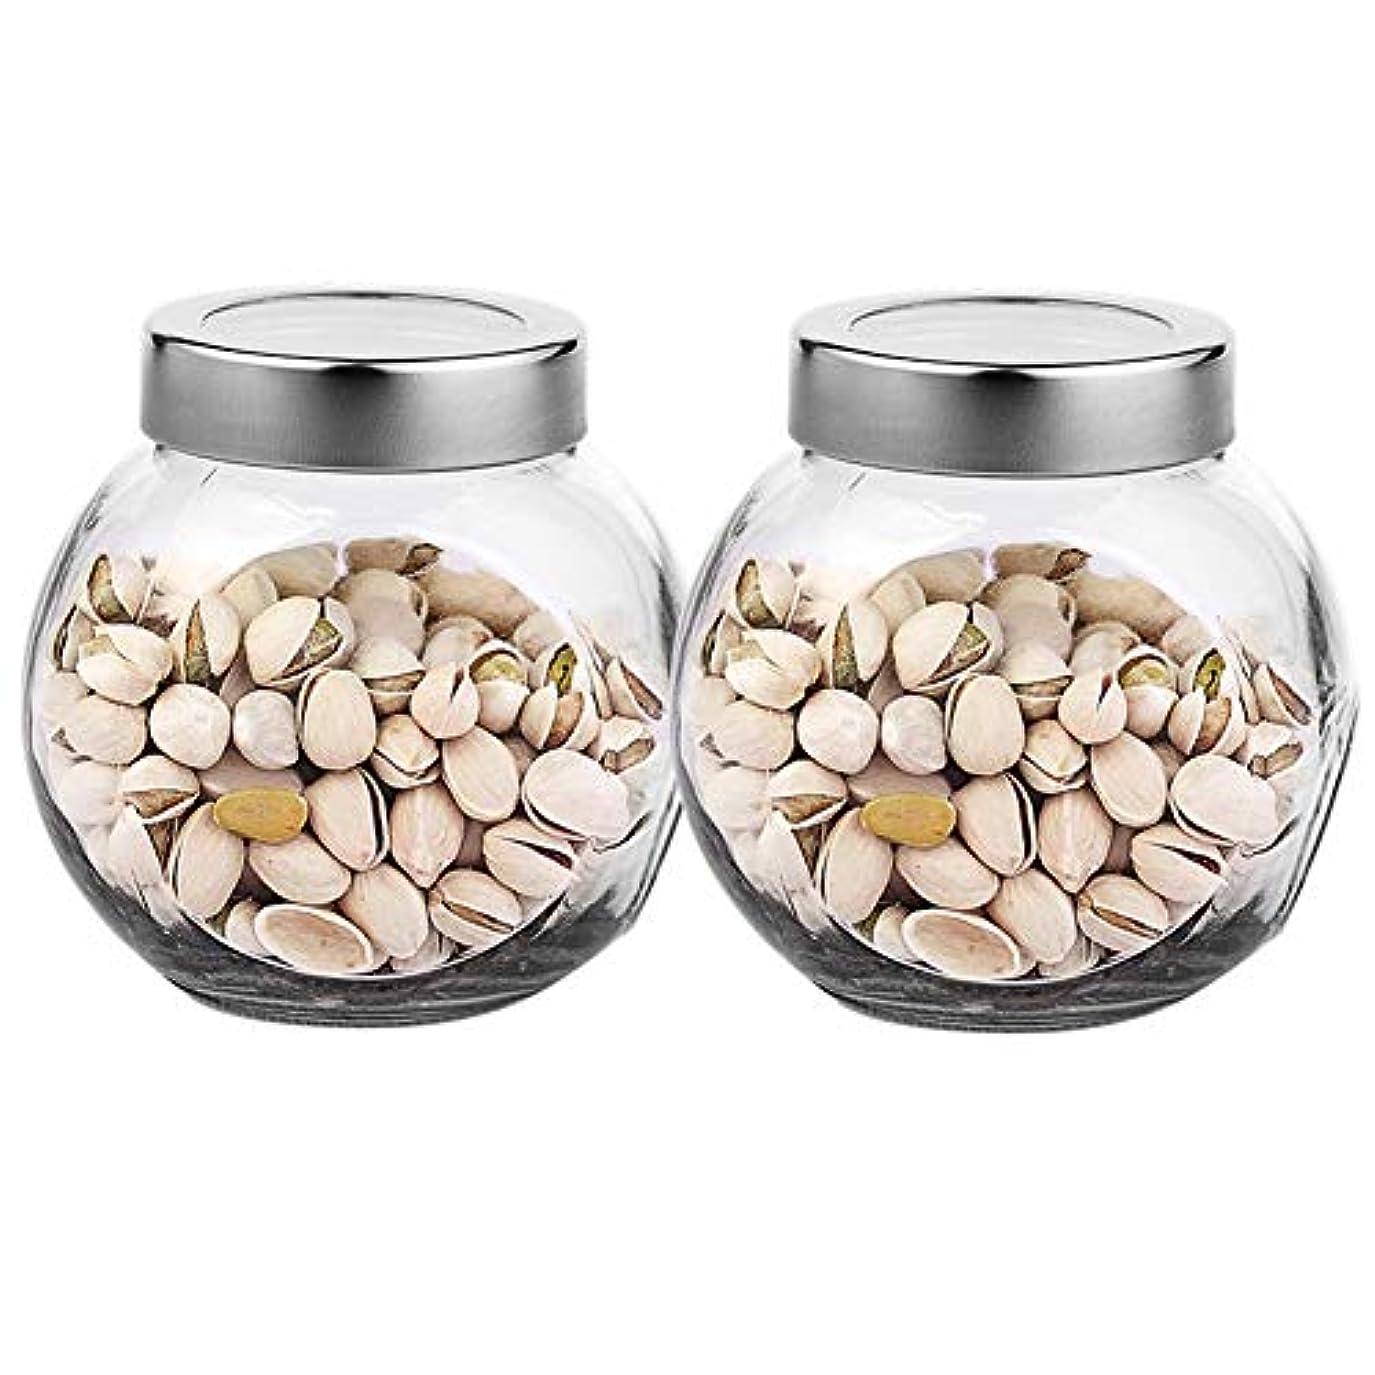 彼の本質的ではないスキル2つの透明ガラス貯蔵容器茶/季節密封缶の貯蔵ジャーパック(650 ml)